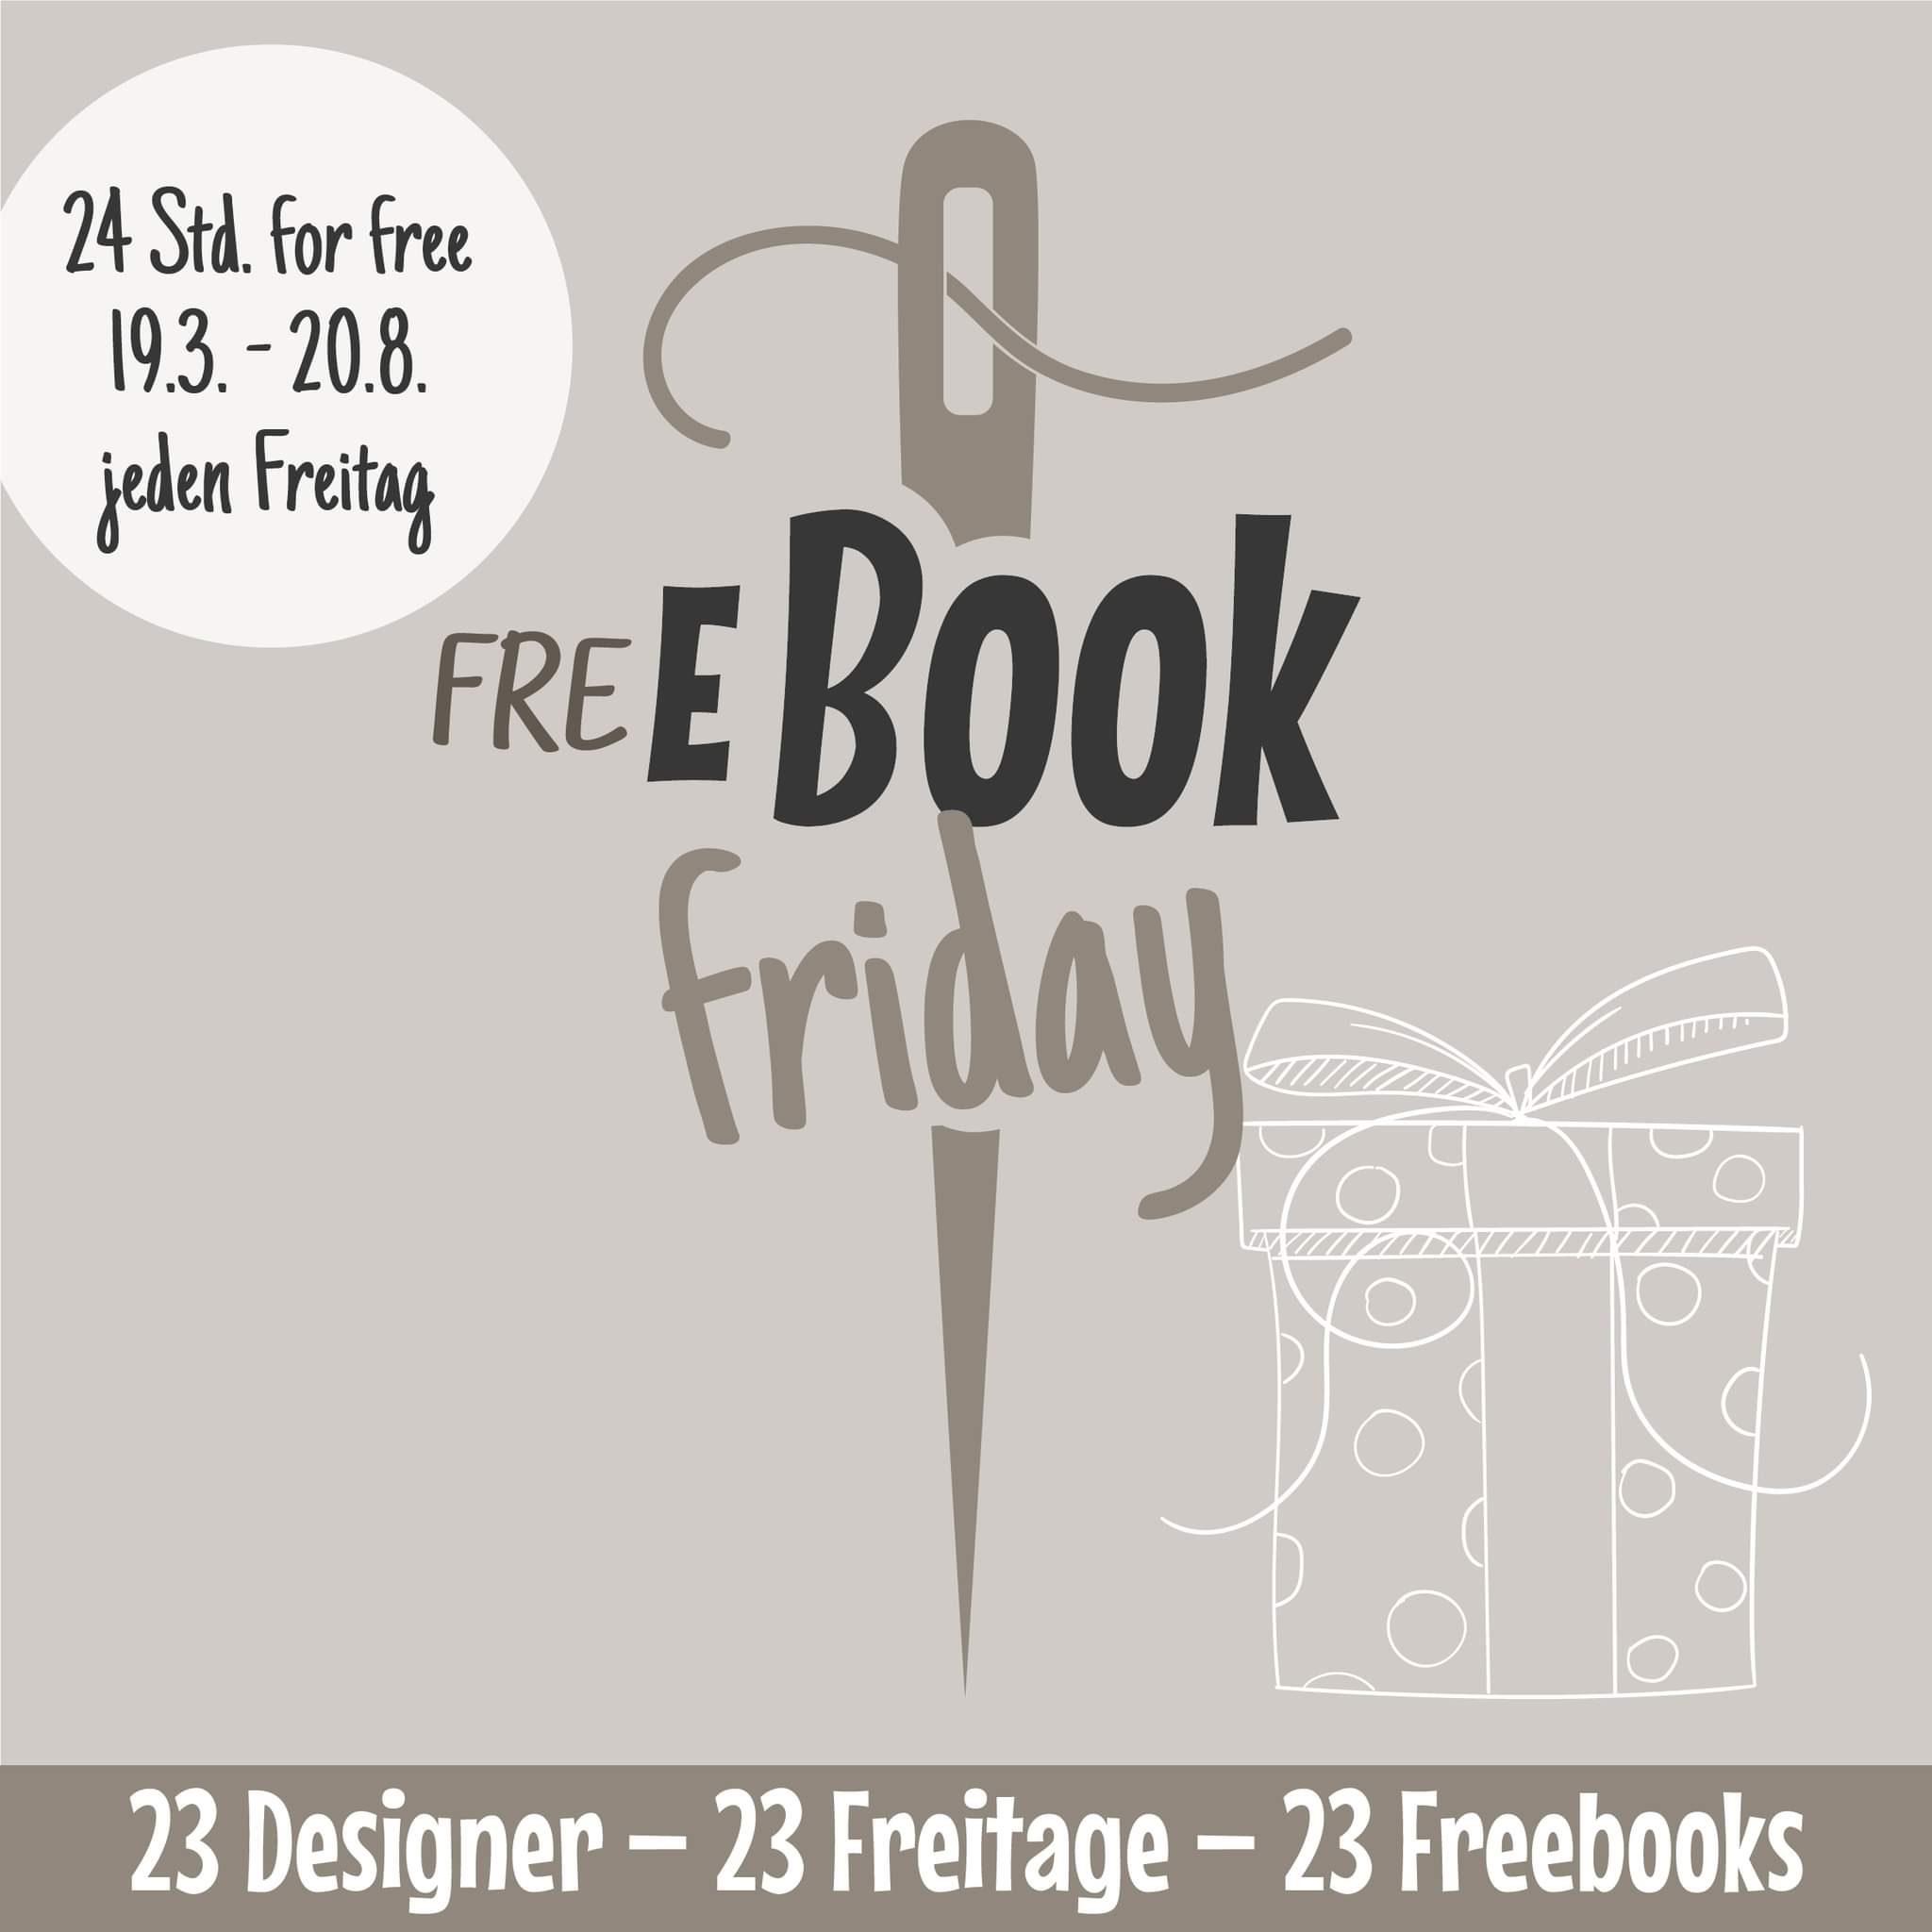 Die Ebookmacher starten eine neue Aktion den FreebookFriday!